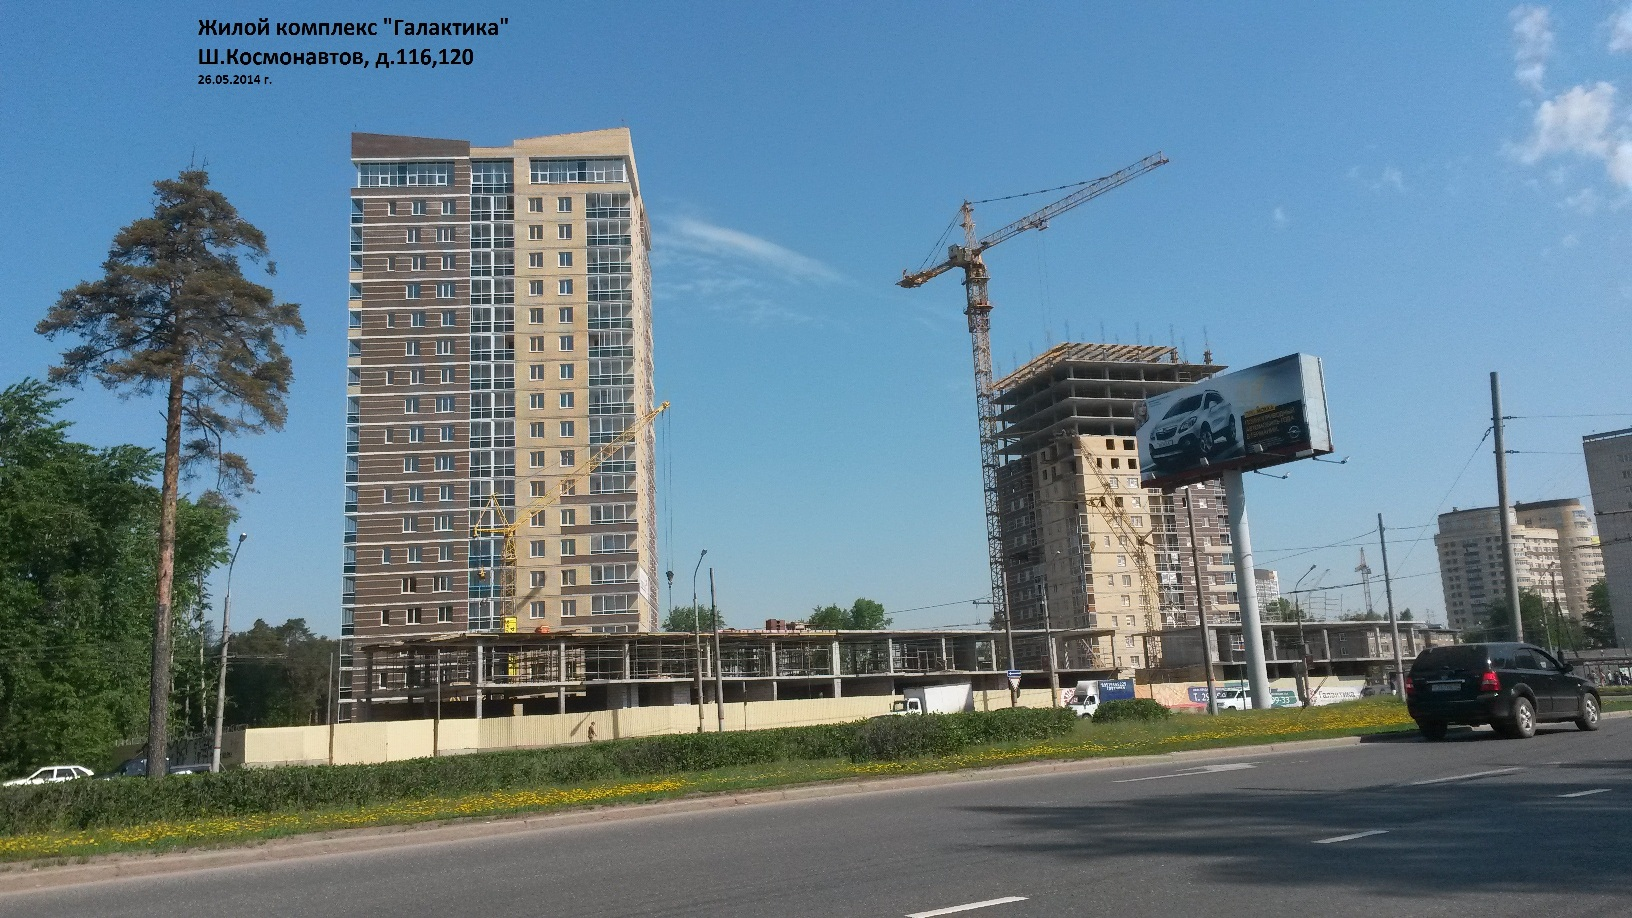 Жилой комплекс «Галактика» (шоссе Космонавтов, 120 ...: http://n-adres.perm.ru/index/0-25